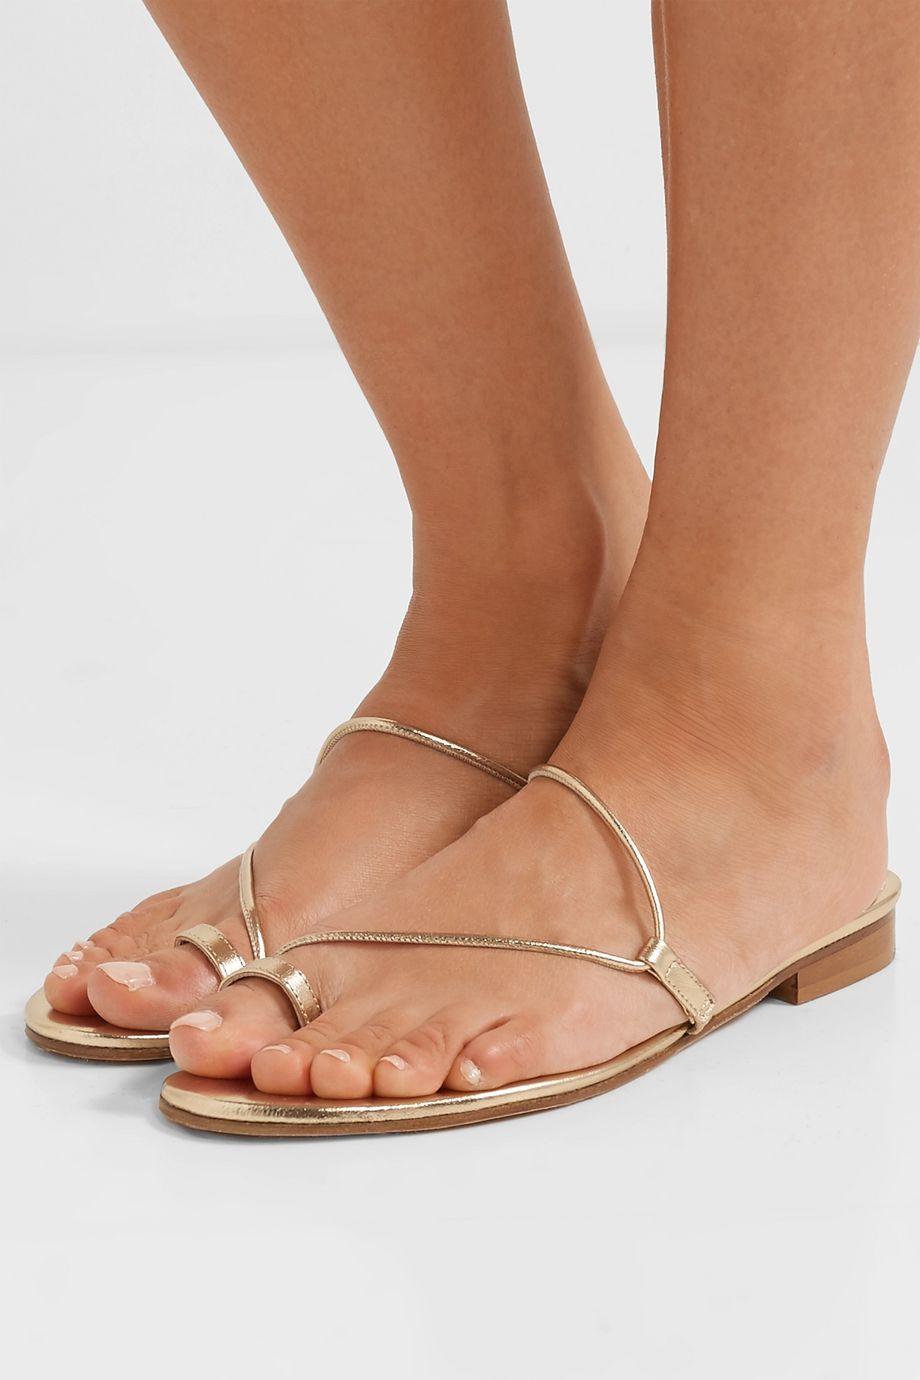 Emme Parsons Susan metallic leather sandals